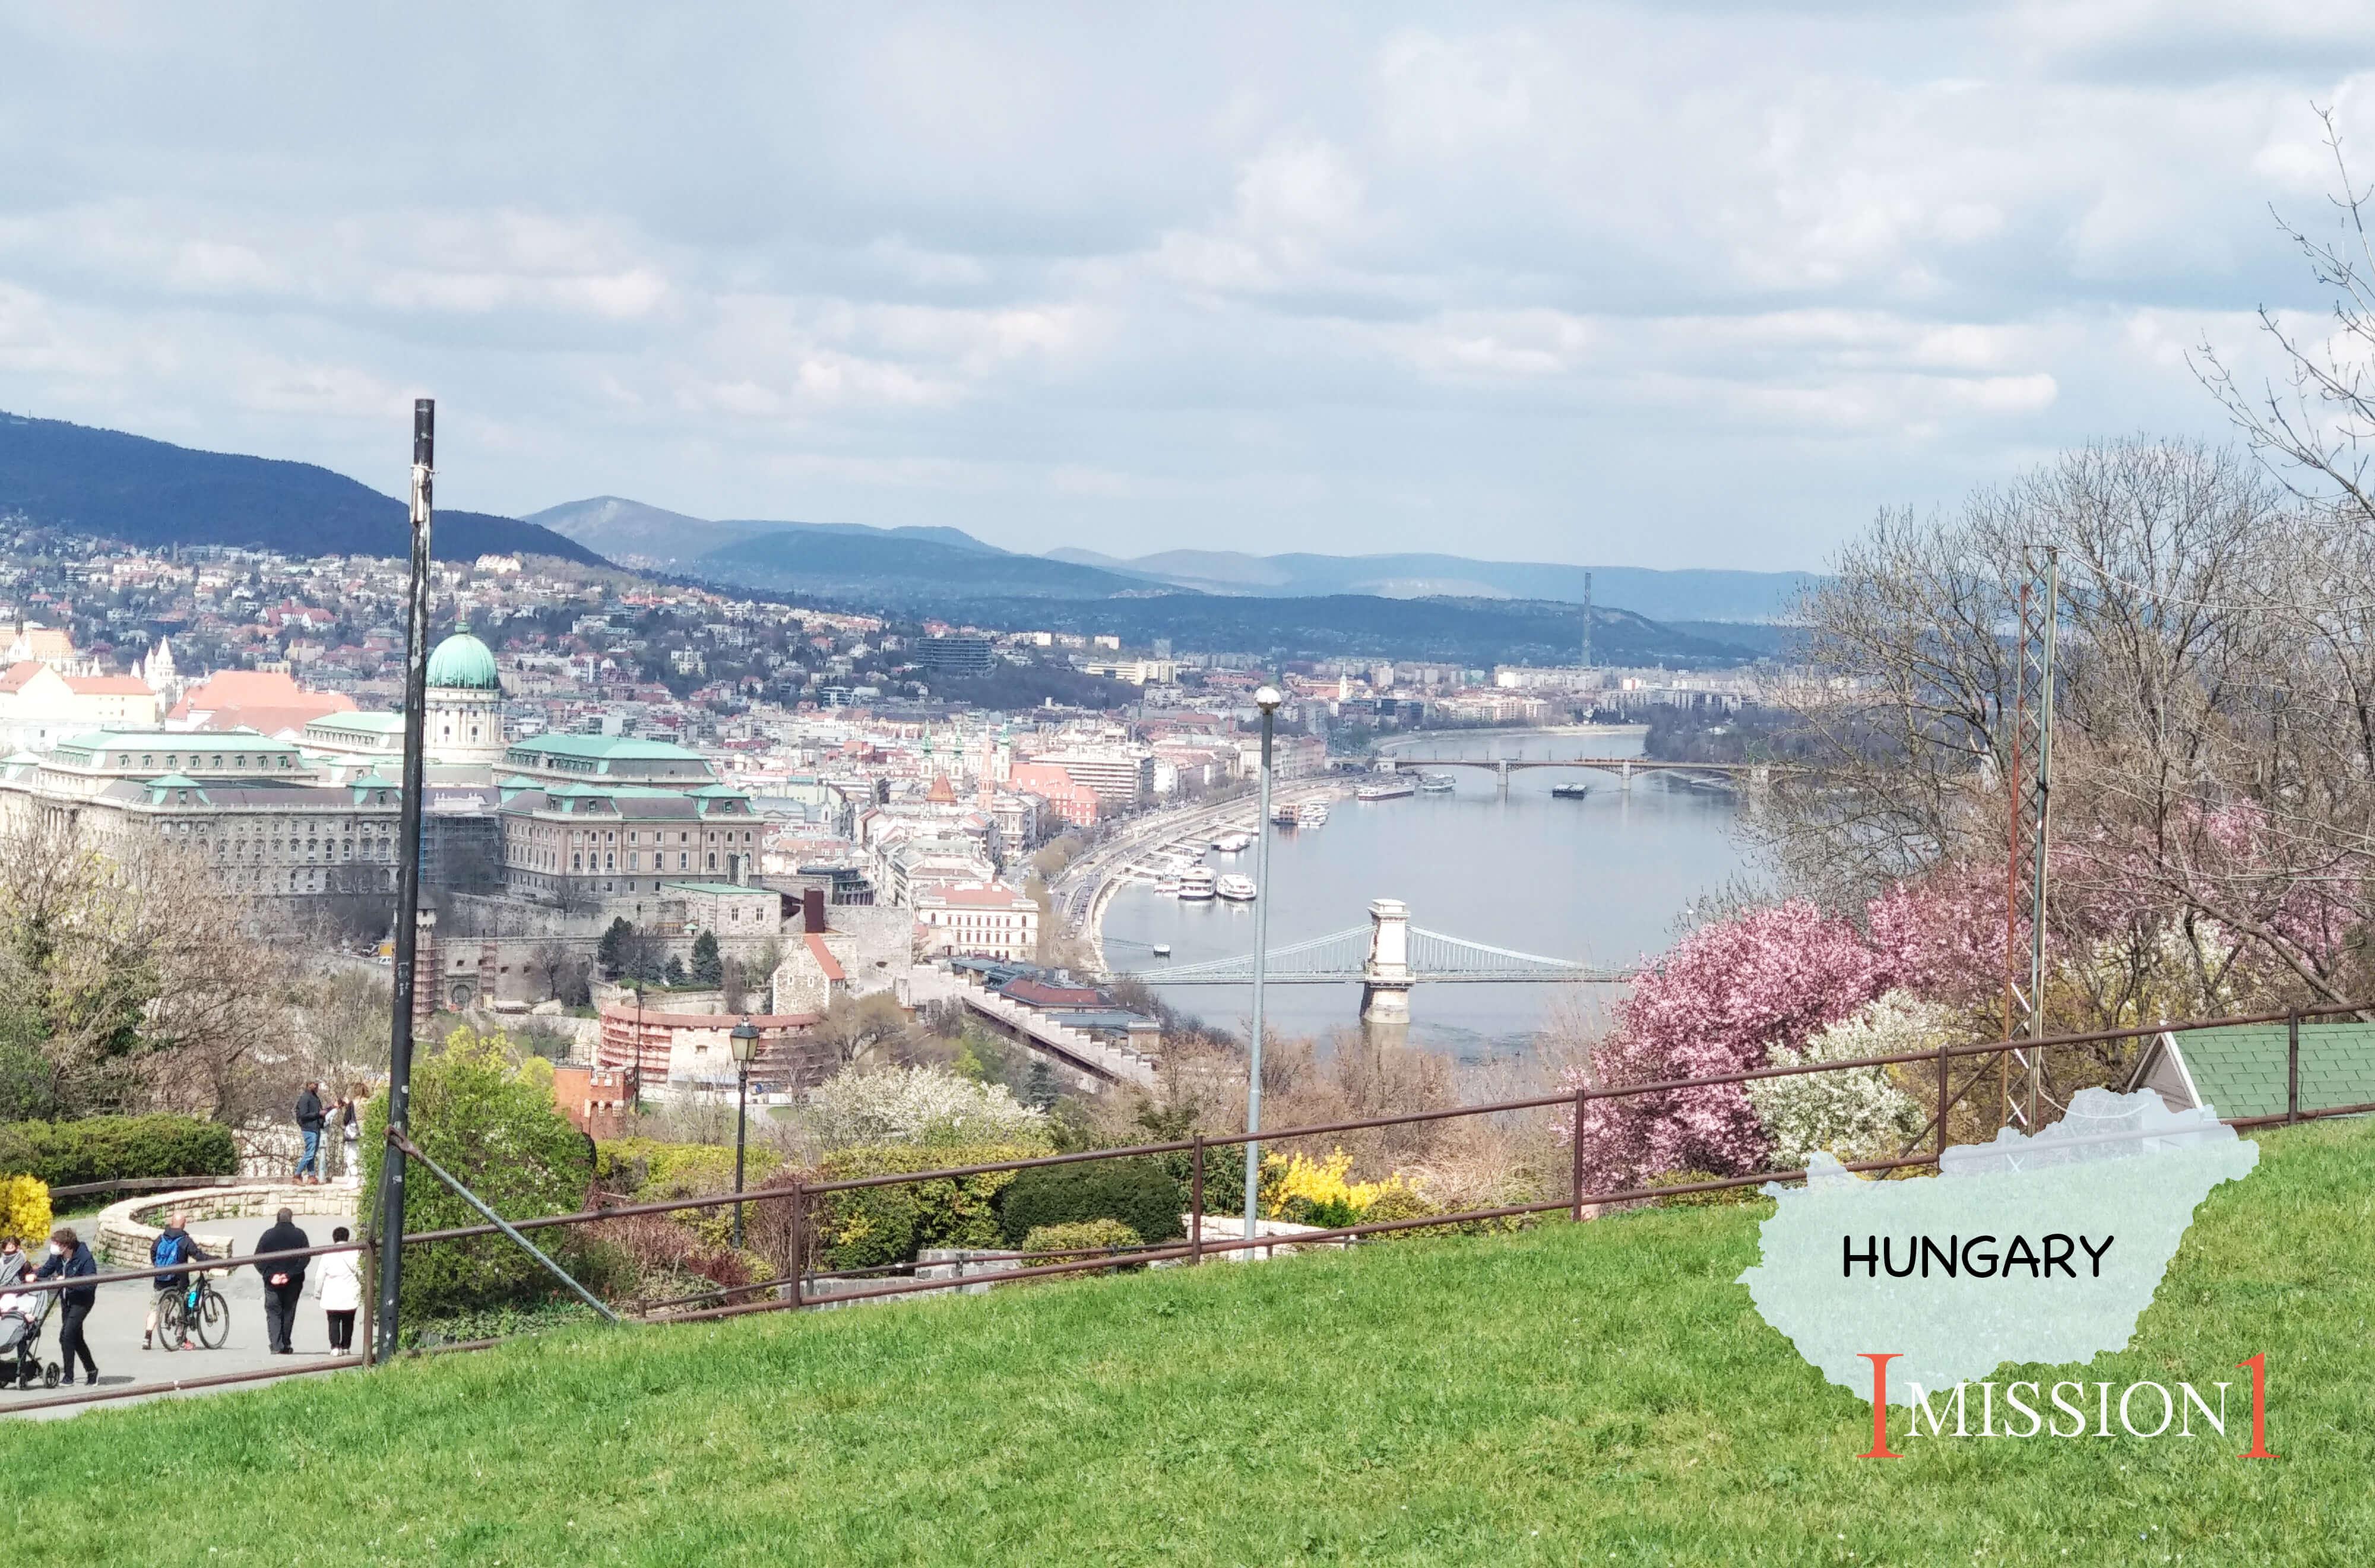 匈牙利:櫻花海的綠蔭下,看見曙光